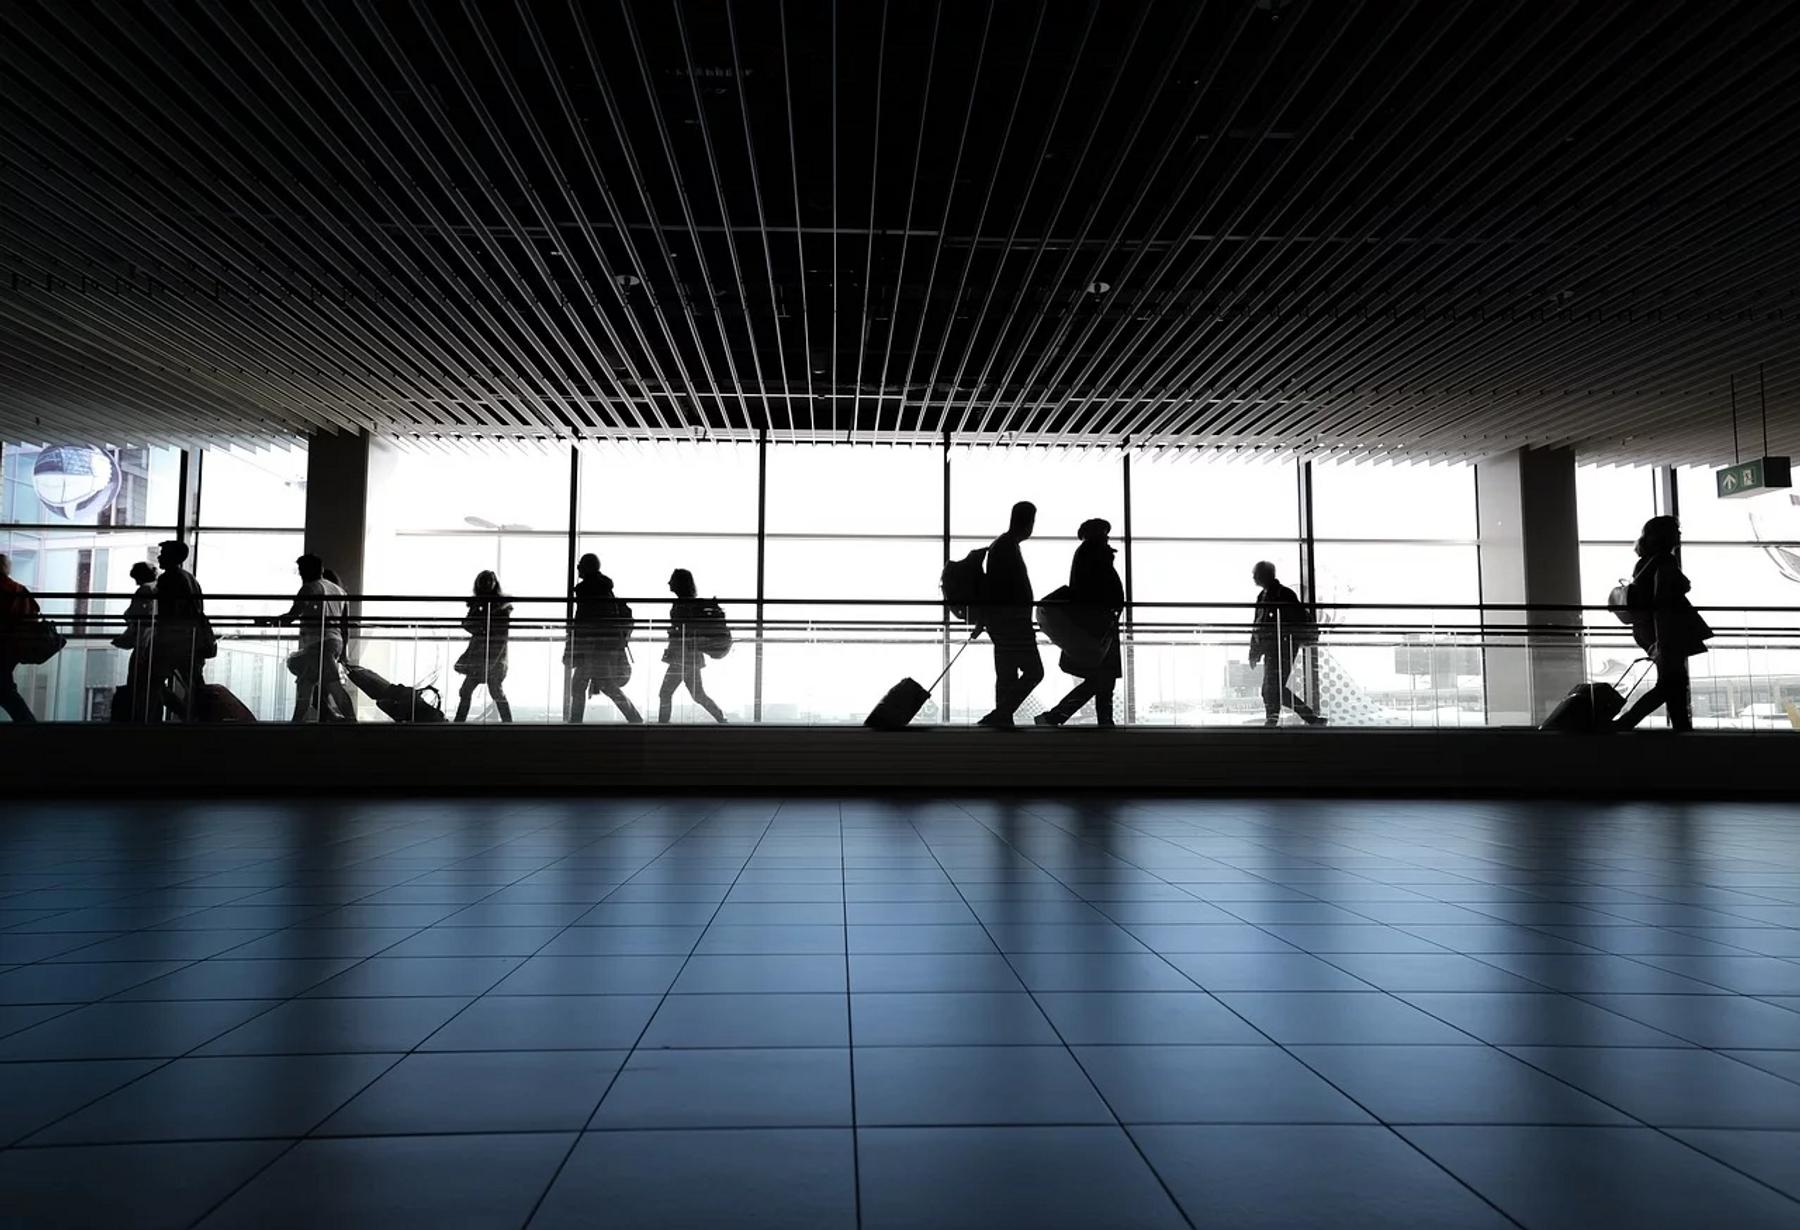 Авиакомпании и аэропорты внедряют новые меры для защиты пассажиров и сотрудников.